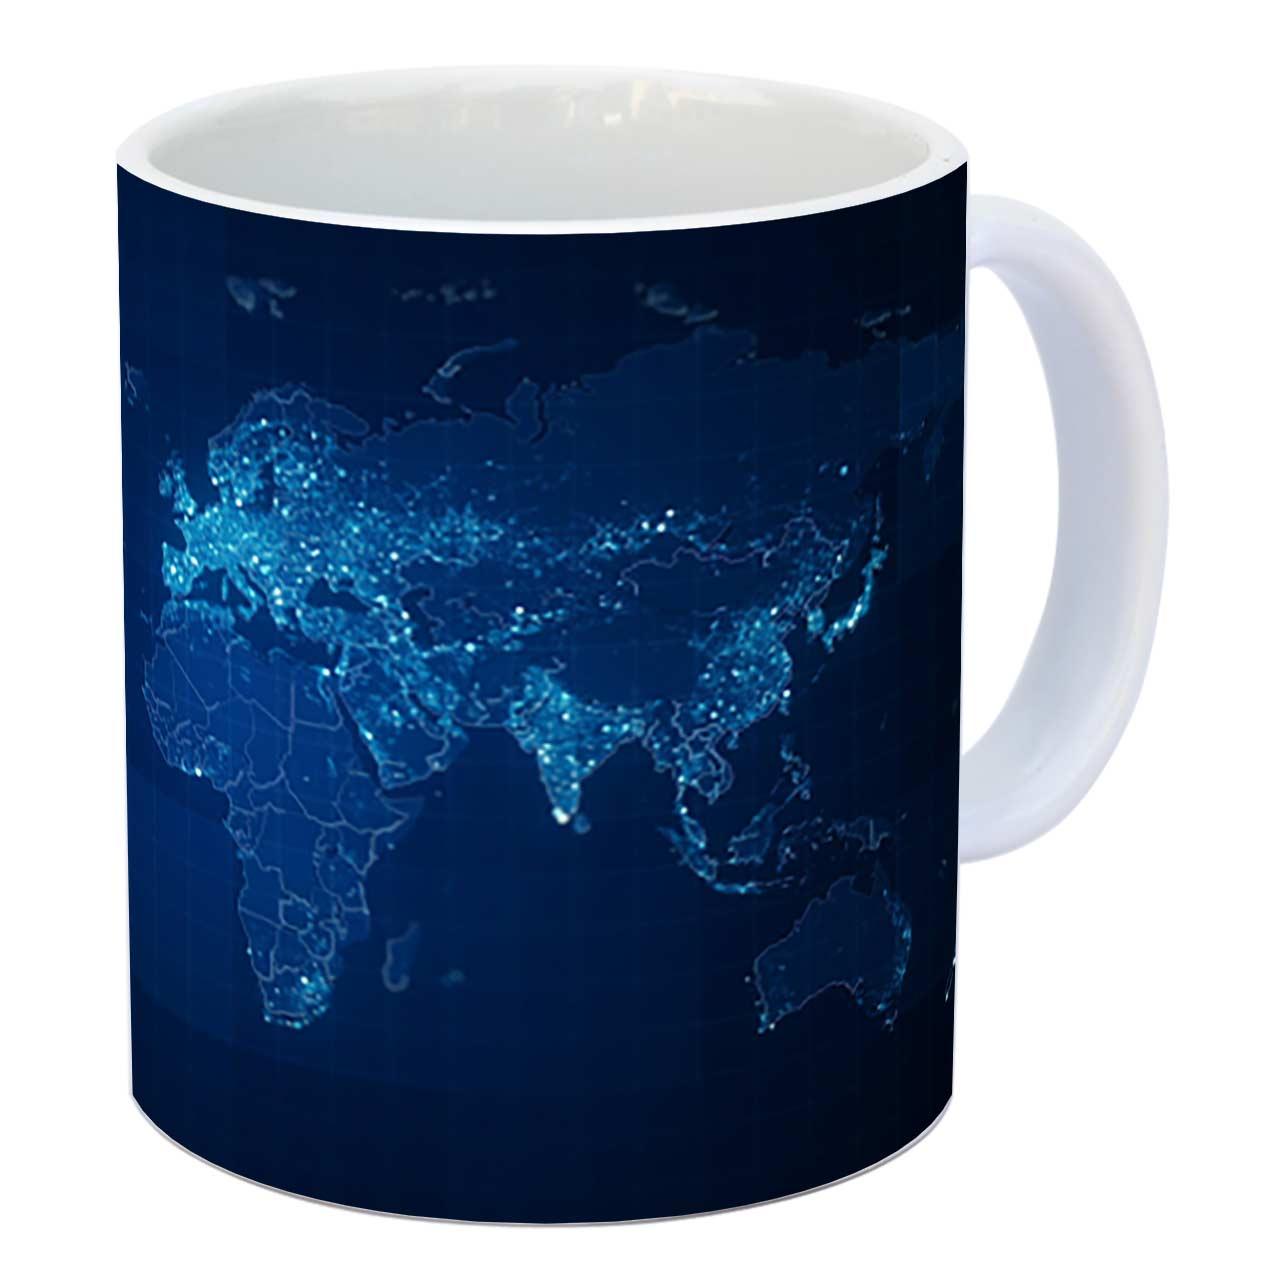 ماگ زیزیپ طرح کره زمین کد 1419